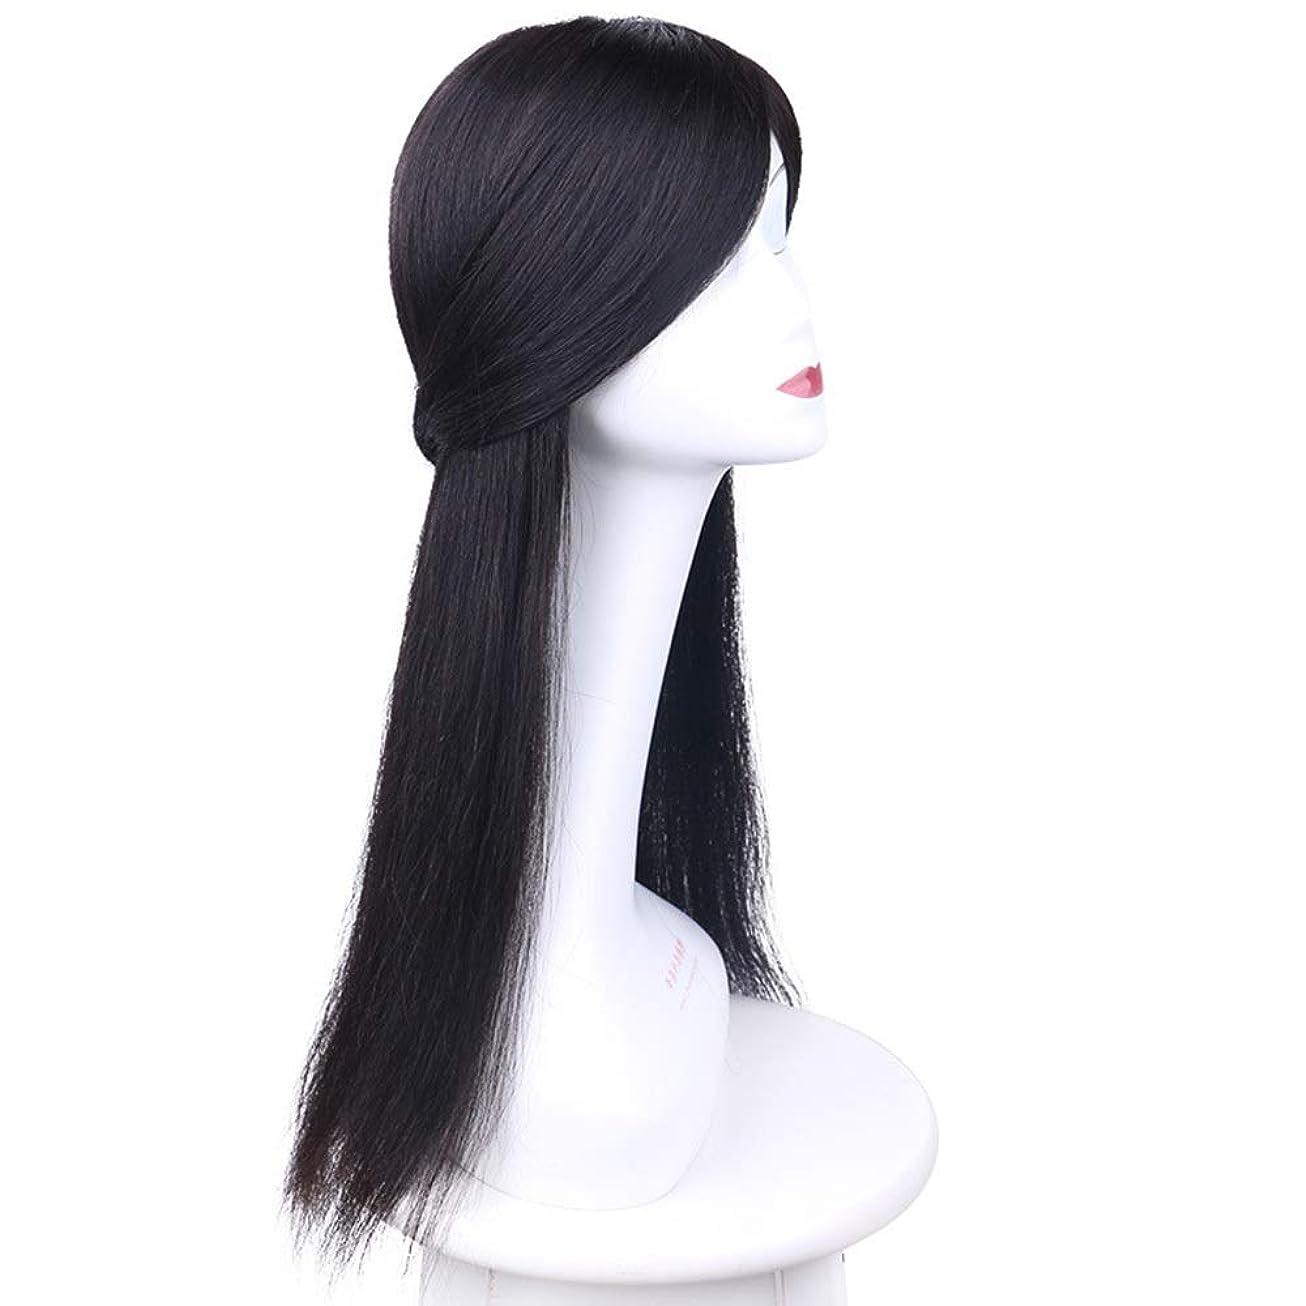 超える効率的に主張するBOBIDYEE 目に見えない手織りのリアルヘアウィッグロングストレートヘアウィッグ女性用ウィッグ (色 : Natural black, サイズ : (hand woven) 50cm)